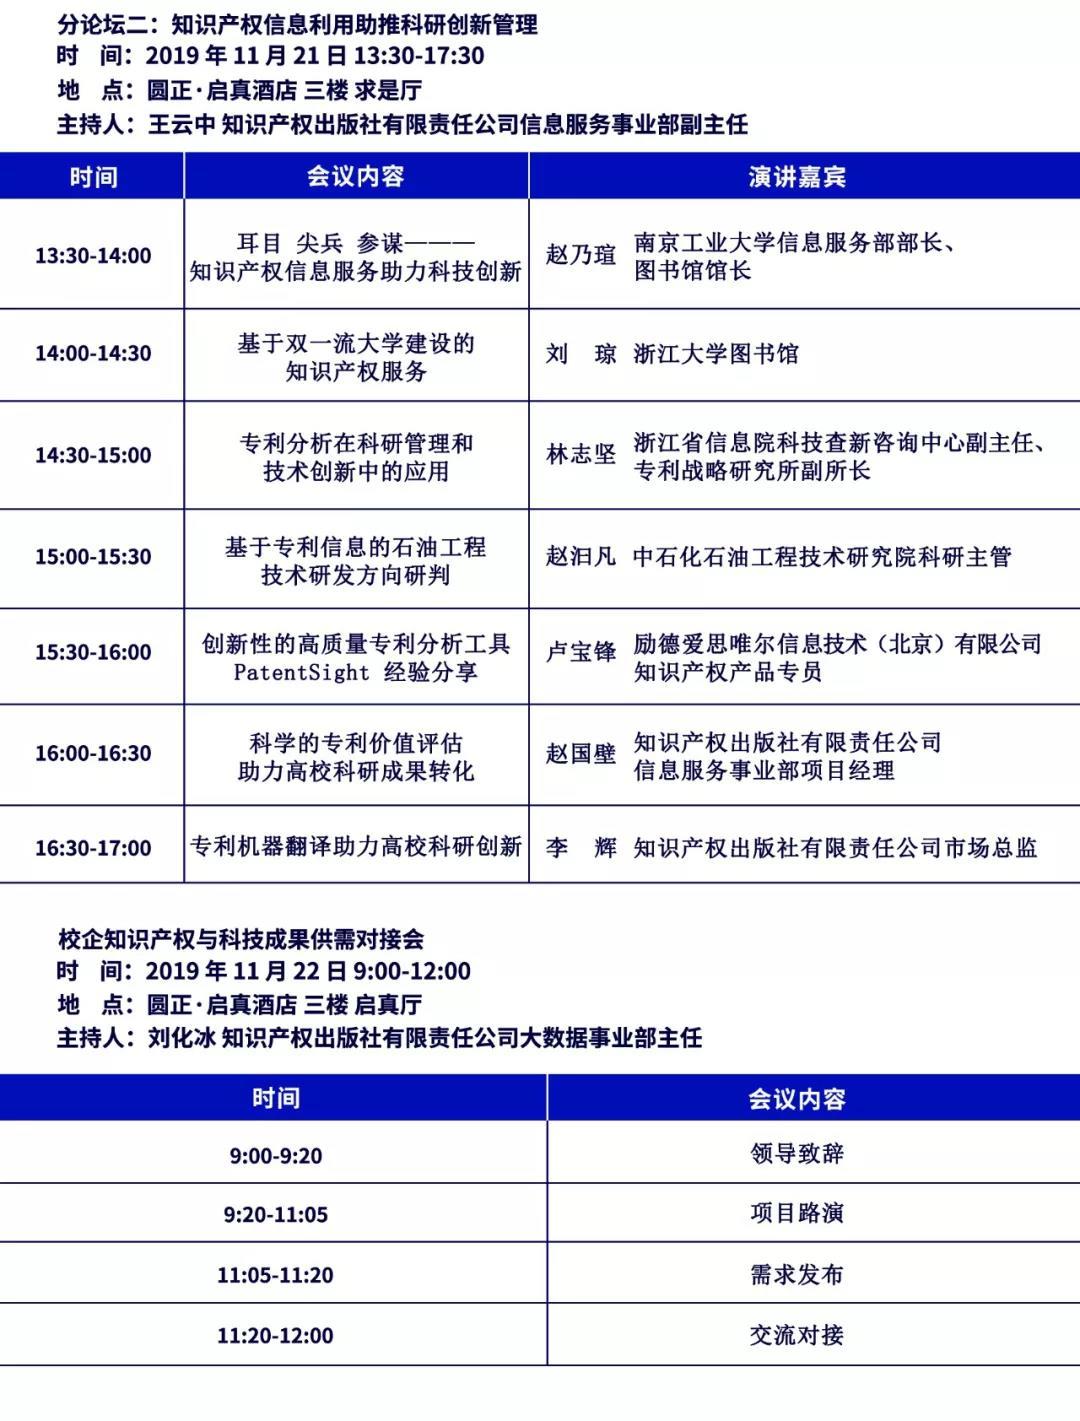 邀请函 | 第三届中国高校专利年会(UPAC)诚邀您参加